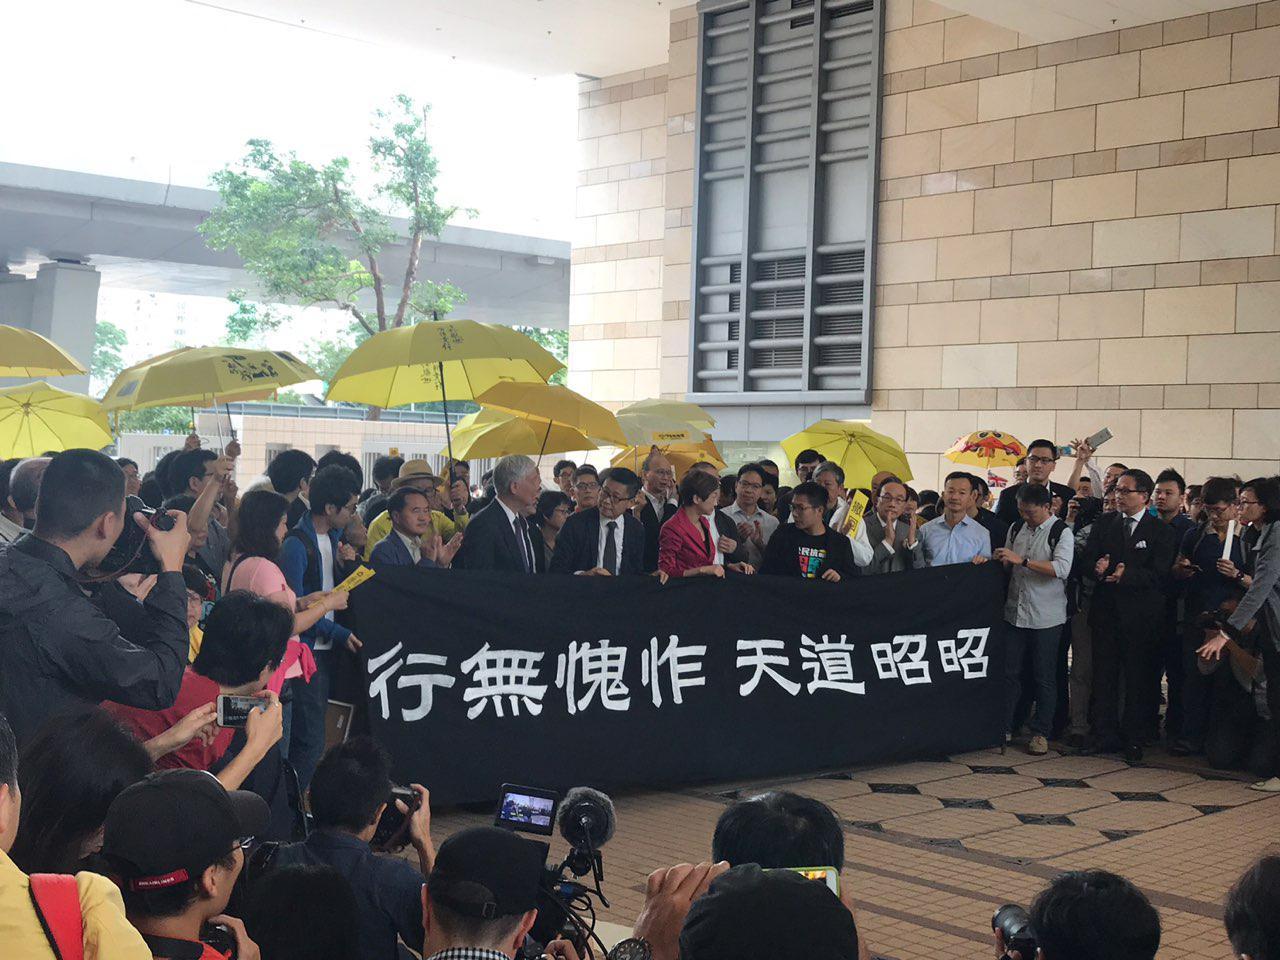 佔中九子案開庭,大批傘運支持者到場聲援,預料審訊20日。(蔡雯文/大紀元)